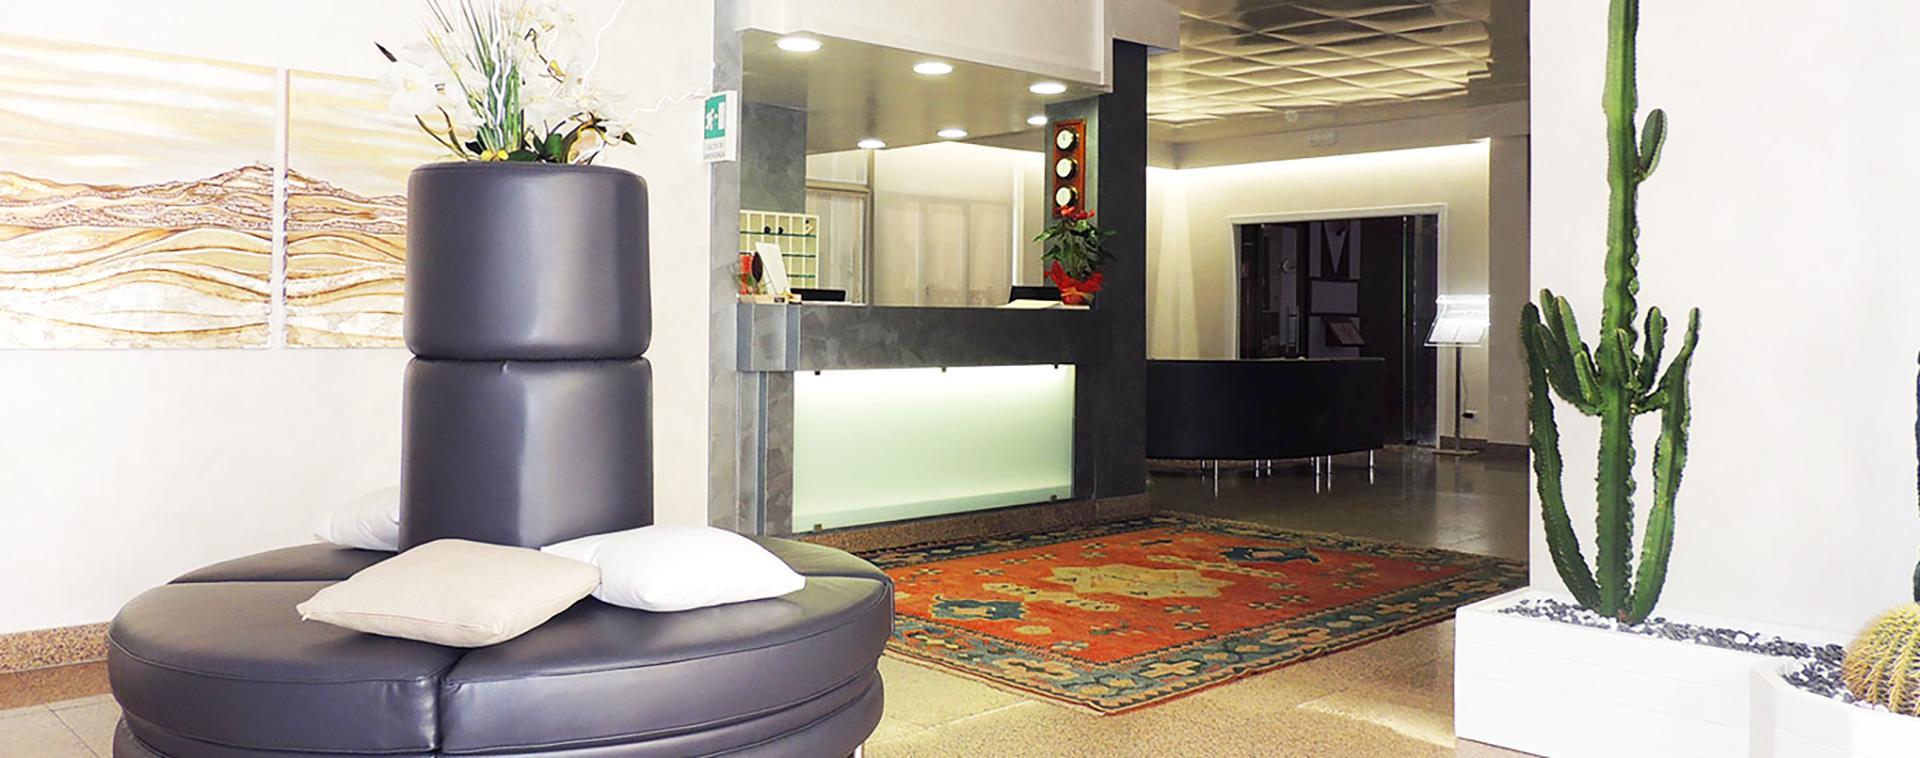 L'hotel Astoria